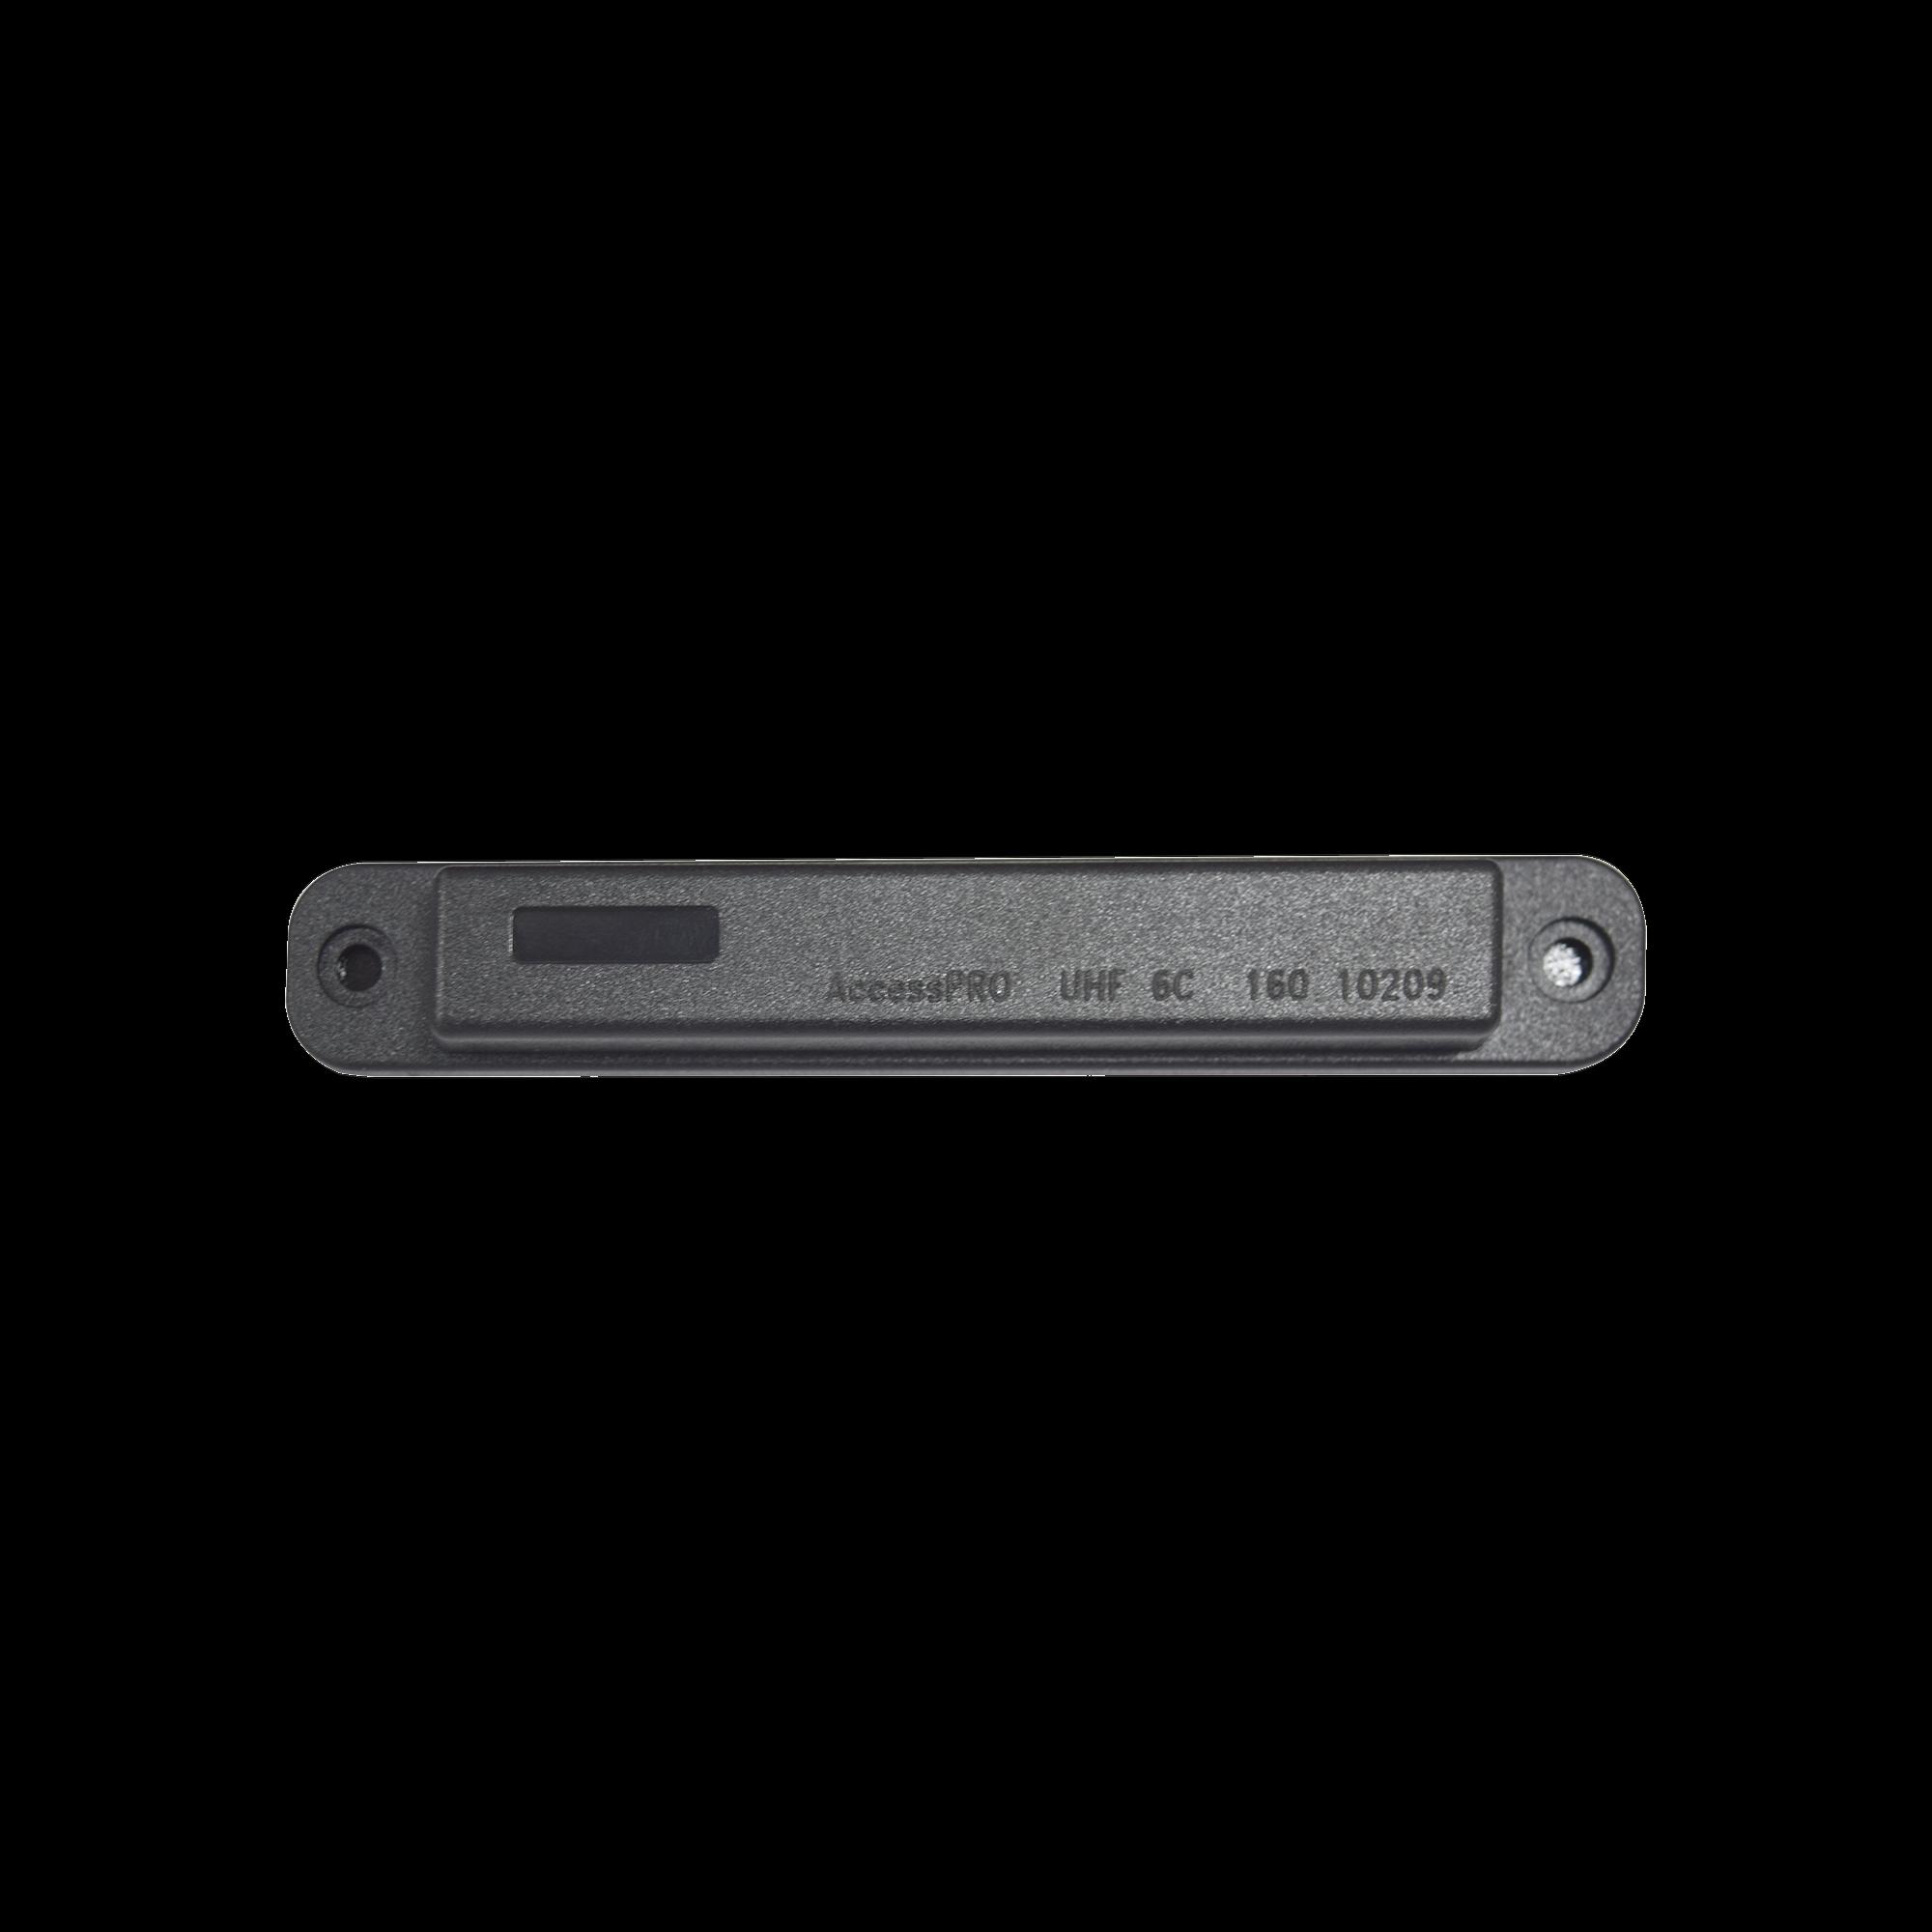 Tag RFID para uso sobre superficies metalicas o vehiculos con blindaje / EPC GEN 2 / ISO 18000 6C